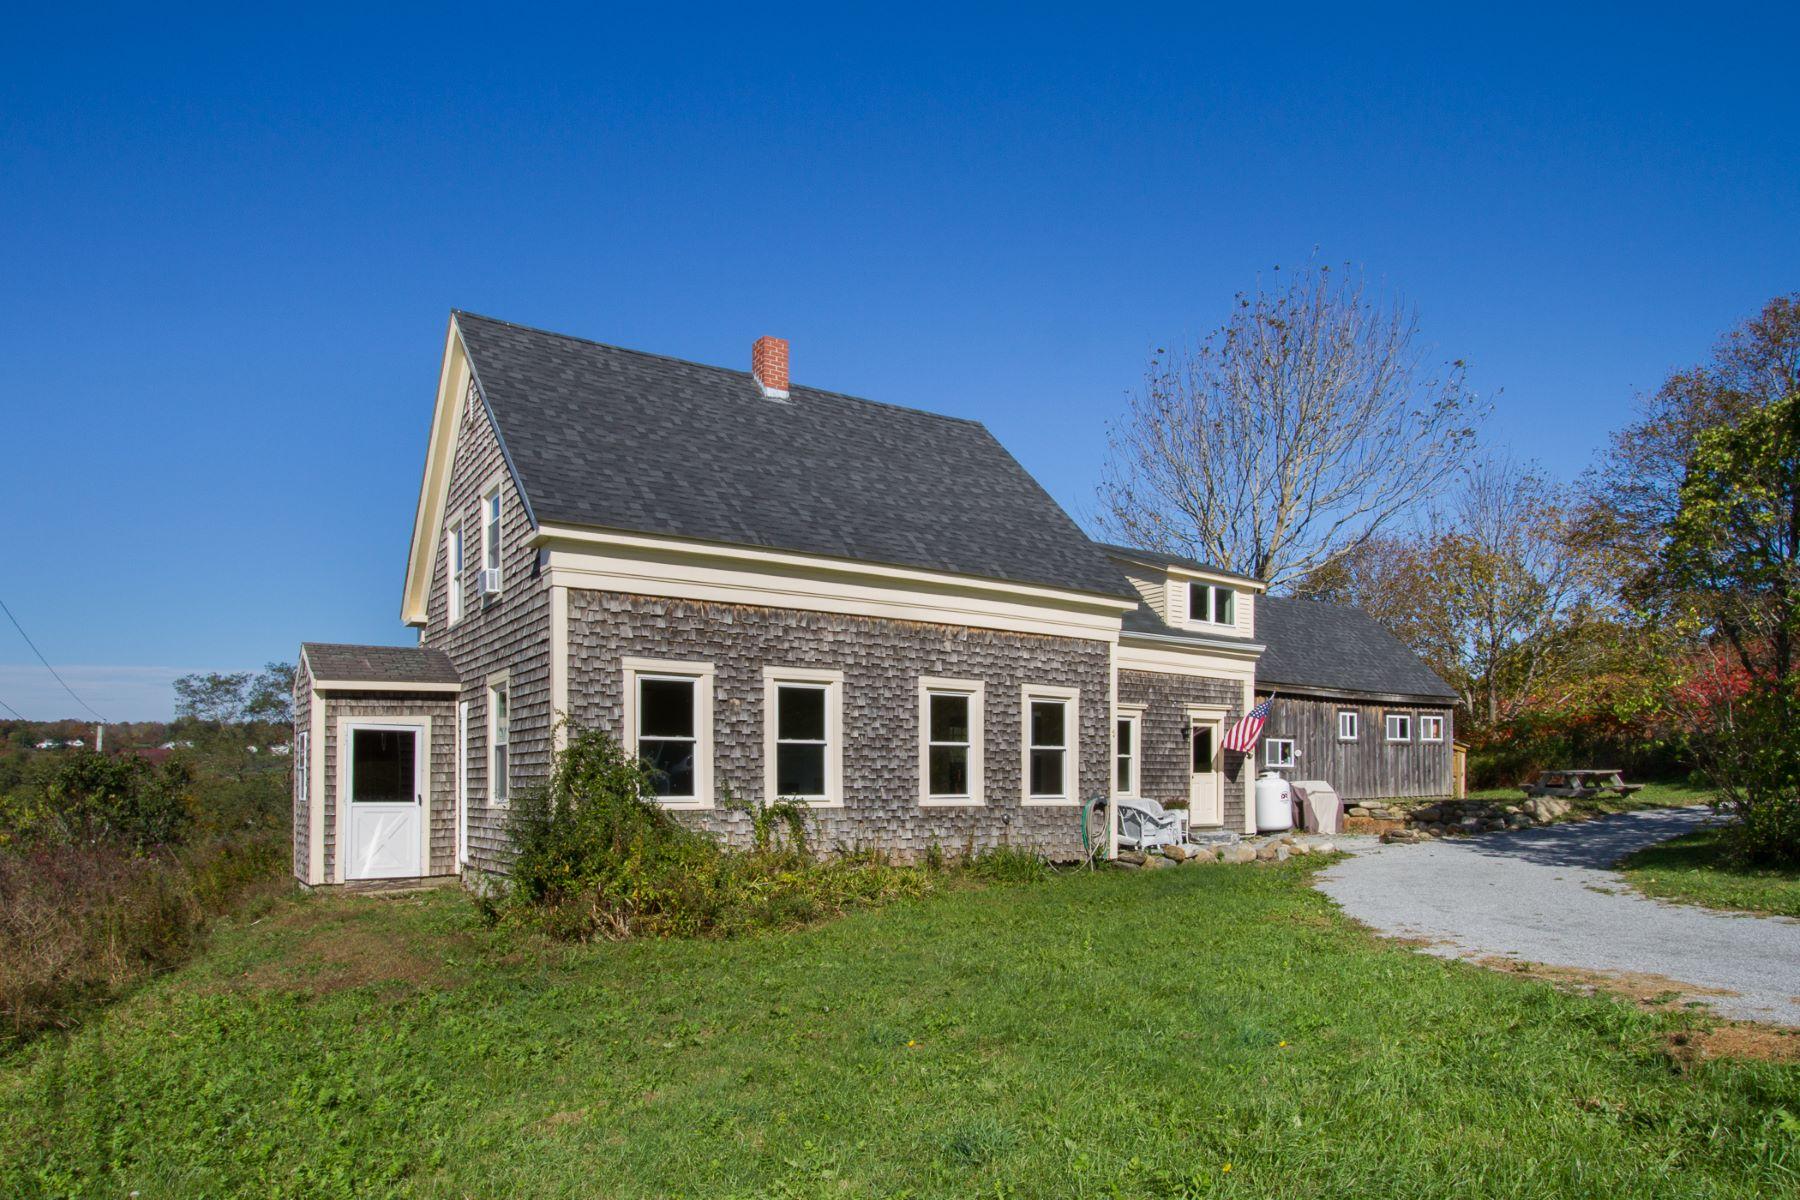 独户住宅 为 销售 在 259 Talbot Ave 罗克兰, 缅因州, 04841 美国